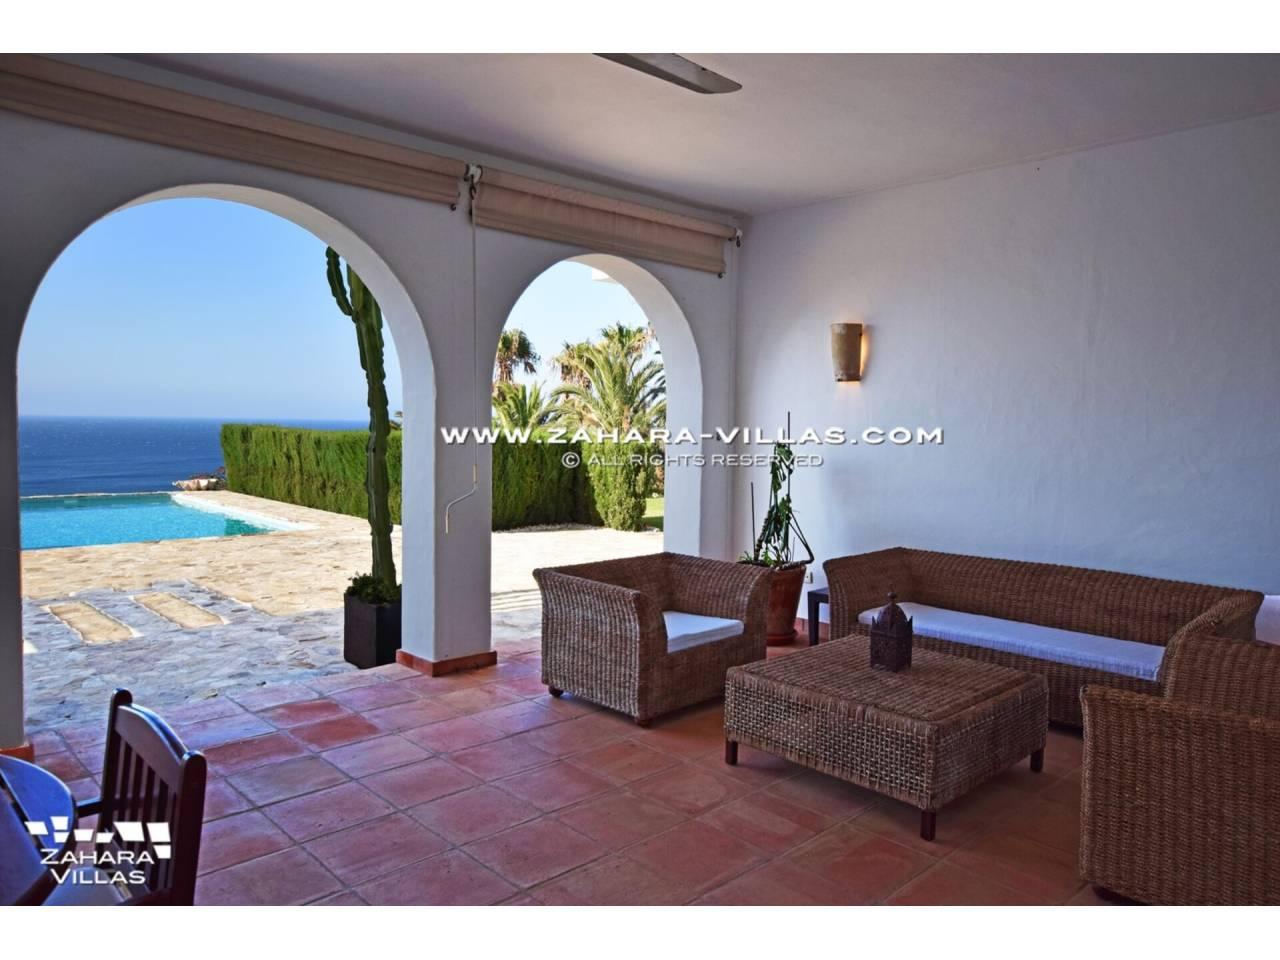 Imagen 6 de Maravilloso Chalet en venta en la zona del Faro Camarinal con vistas panorámicas a la Playa de los Alemanes